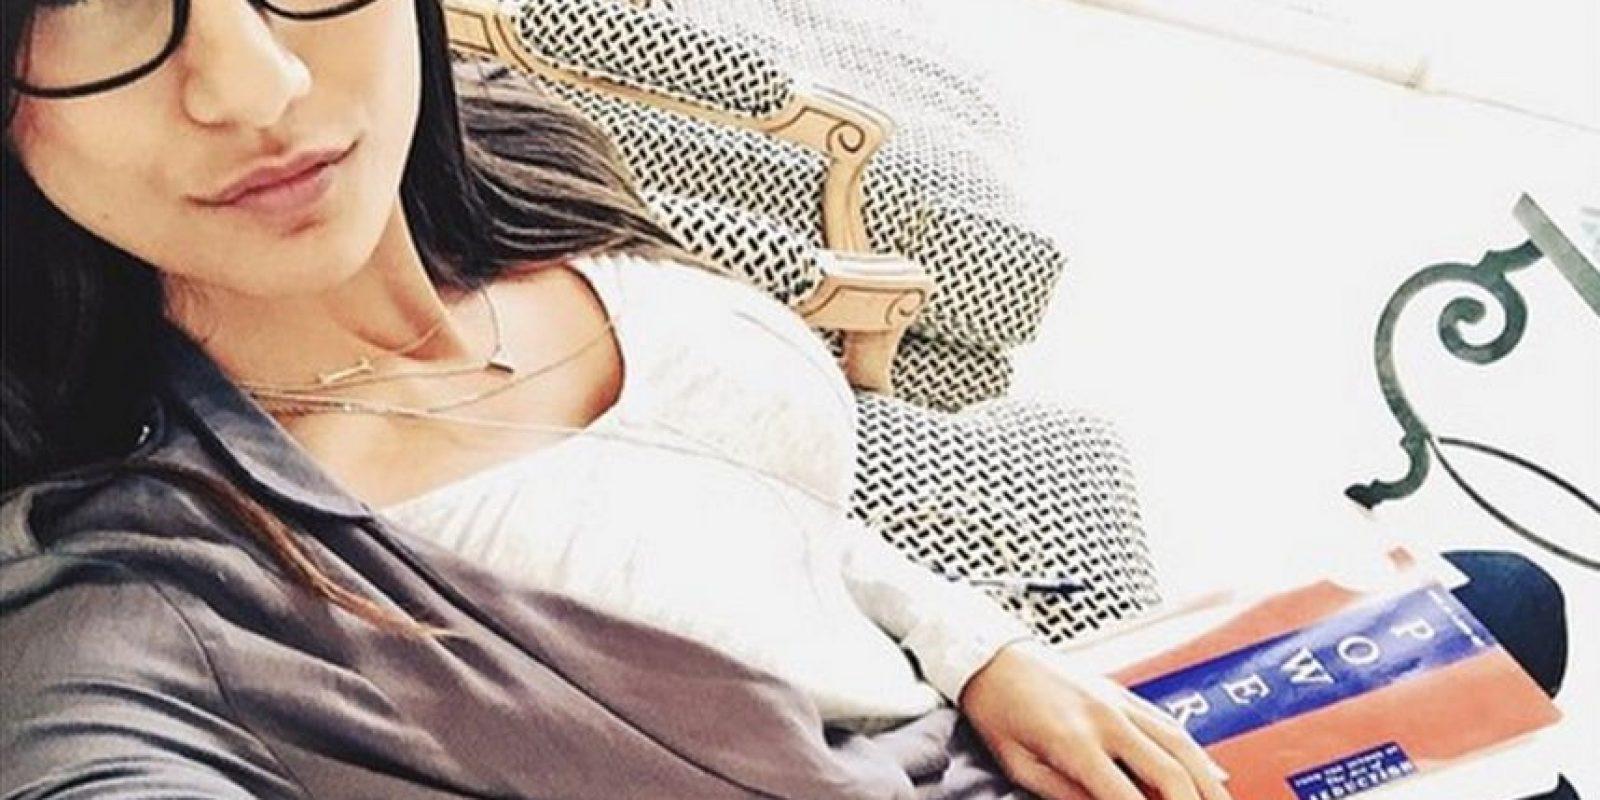 La libanesa Mia Khalifa vive en Miami, Estados Unidos, donde ejerce profesionalmente como actriz de películas para adultos Foto:Instagram @miakhalifa1